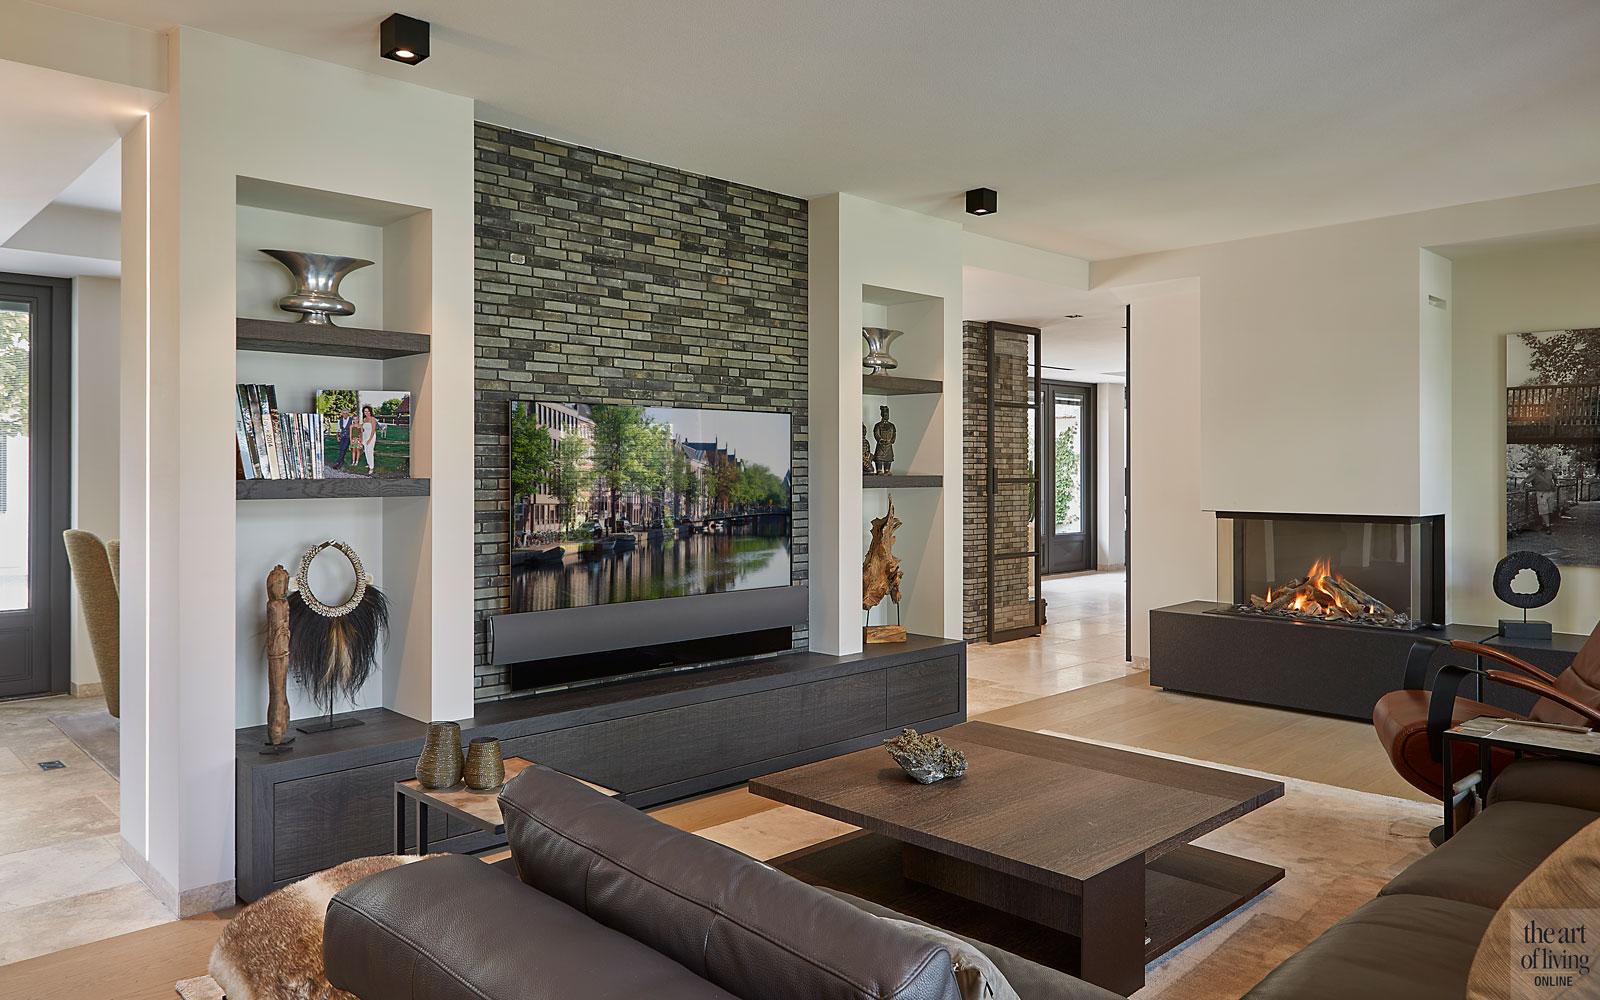 Boerderij, Marco Daverveld, Interieurdesign, Landelijk interieur, Landelijk wonen, Design meubels, Warm interieur